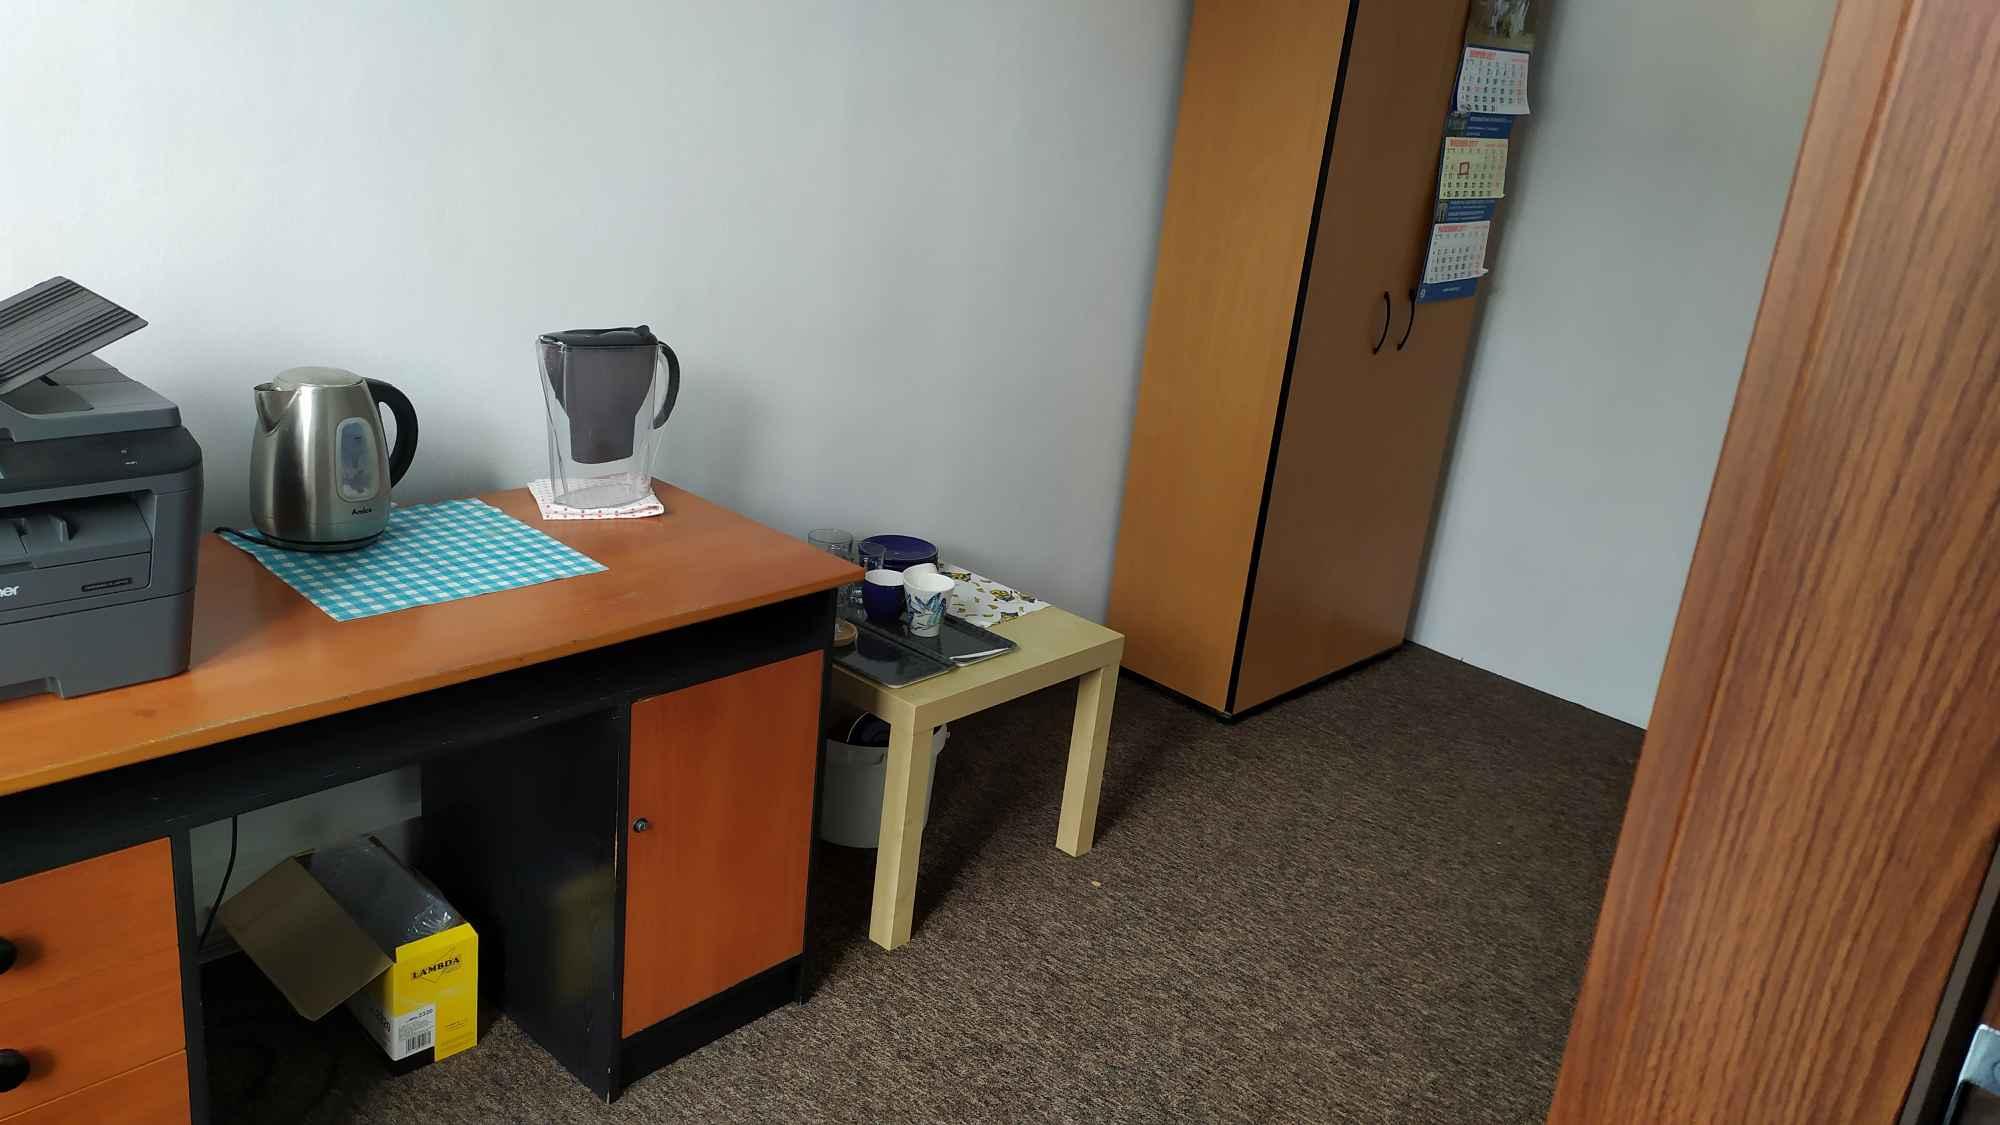 Lokal biurowy do wynajęcia - ul. Świętokrzyska 14, Warszawa Śródmieście - zdjęcie 9